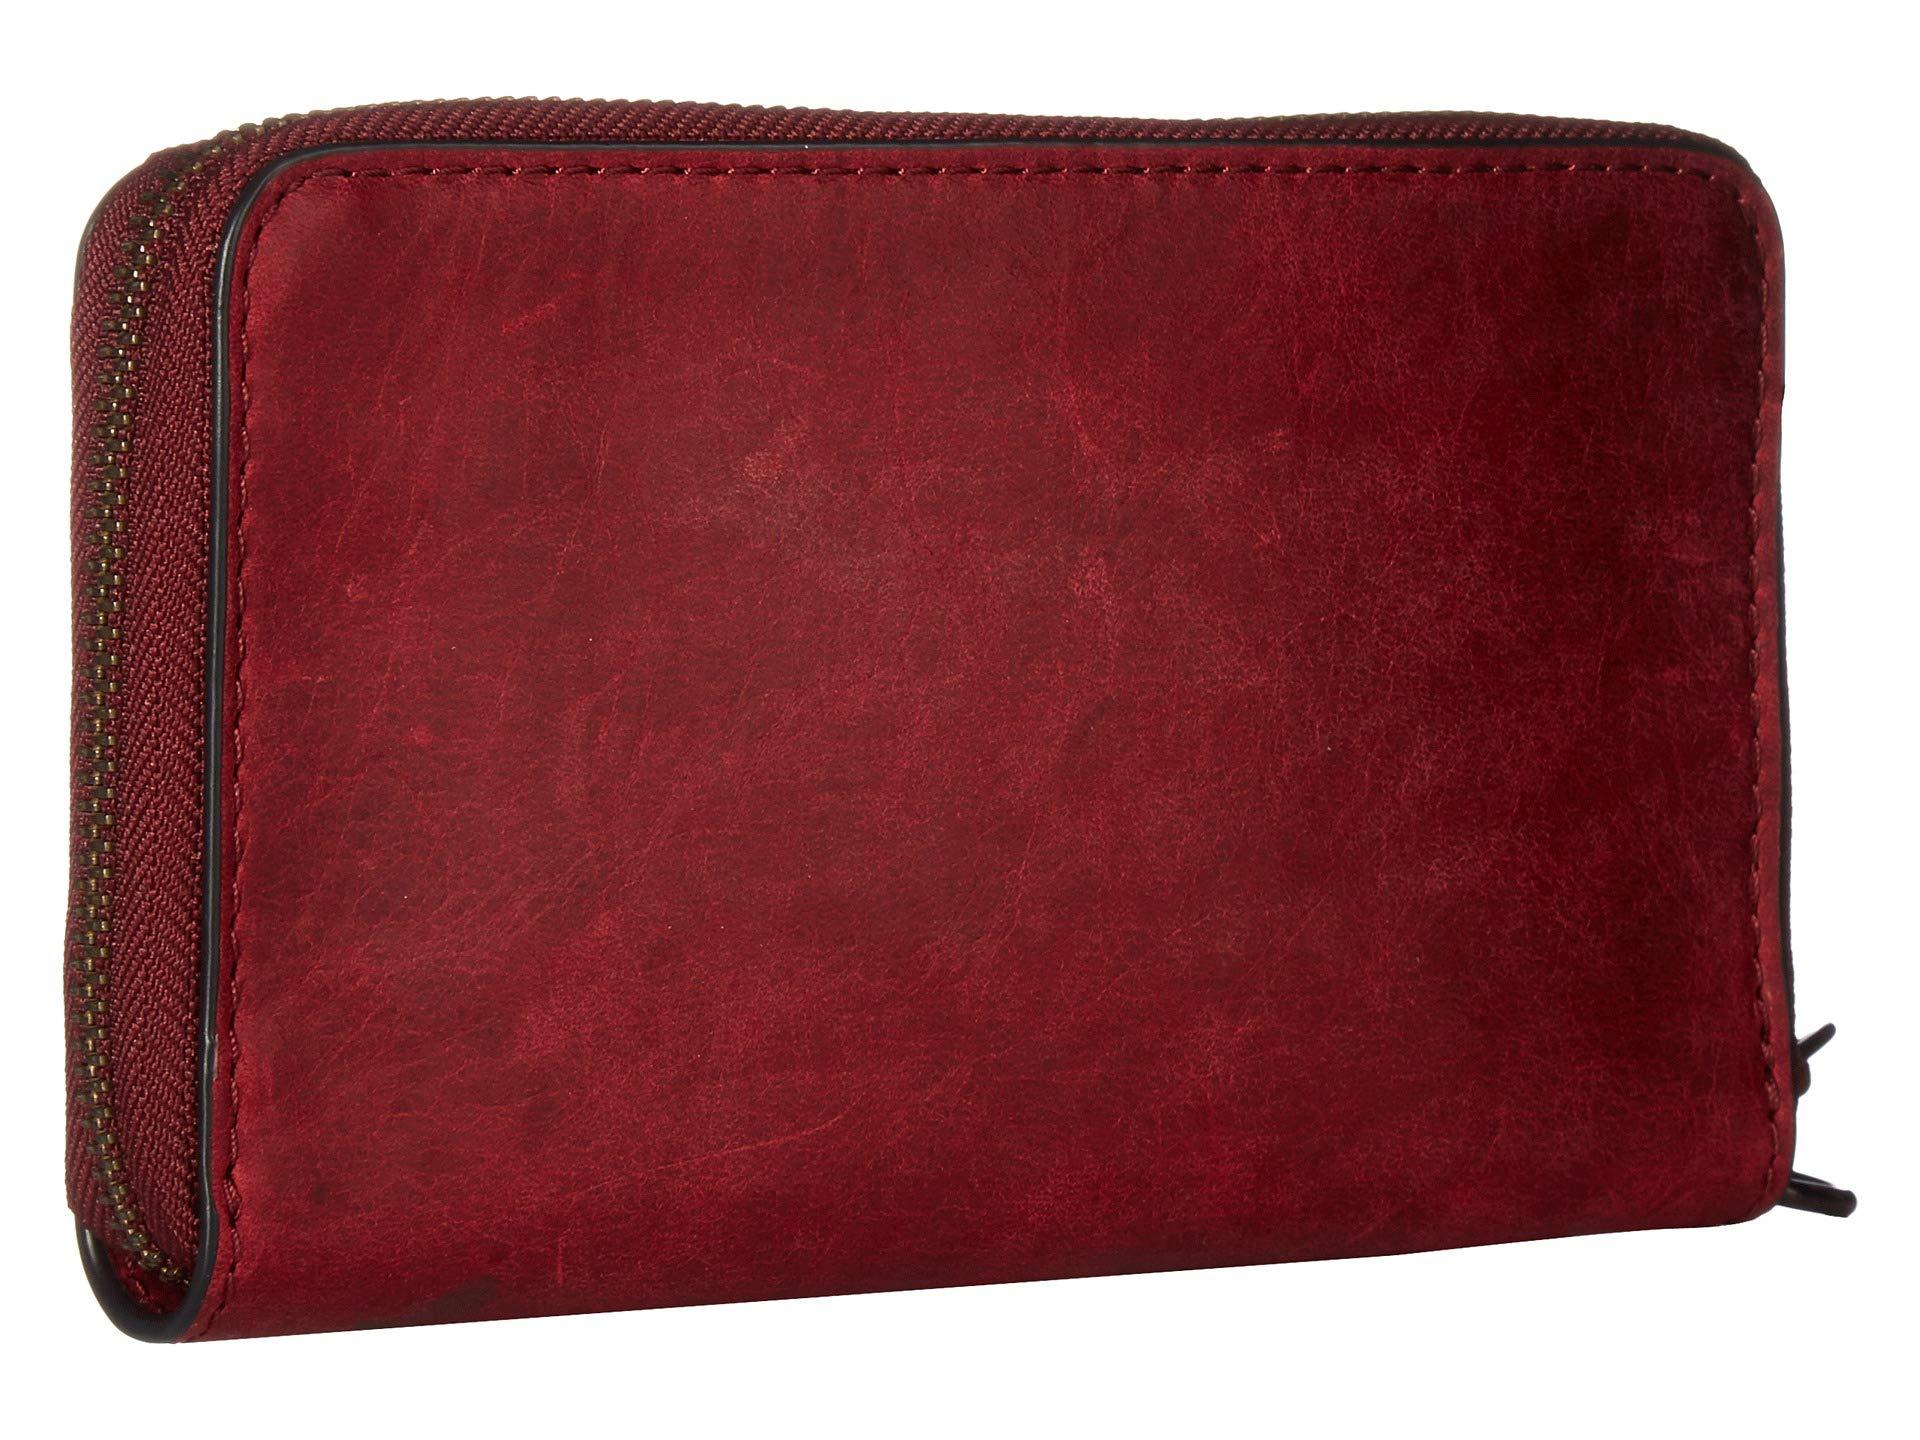 Wallet Frye Large Sangria Phone Melissa Up Smooth Pull Zip qIIwvArnxP